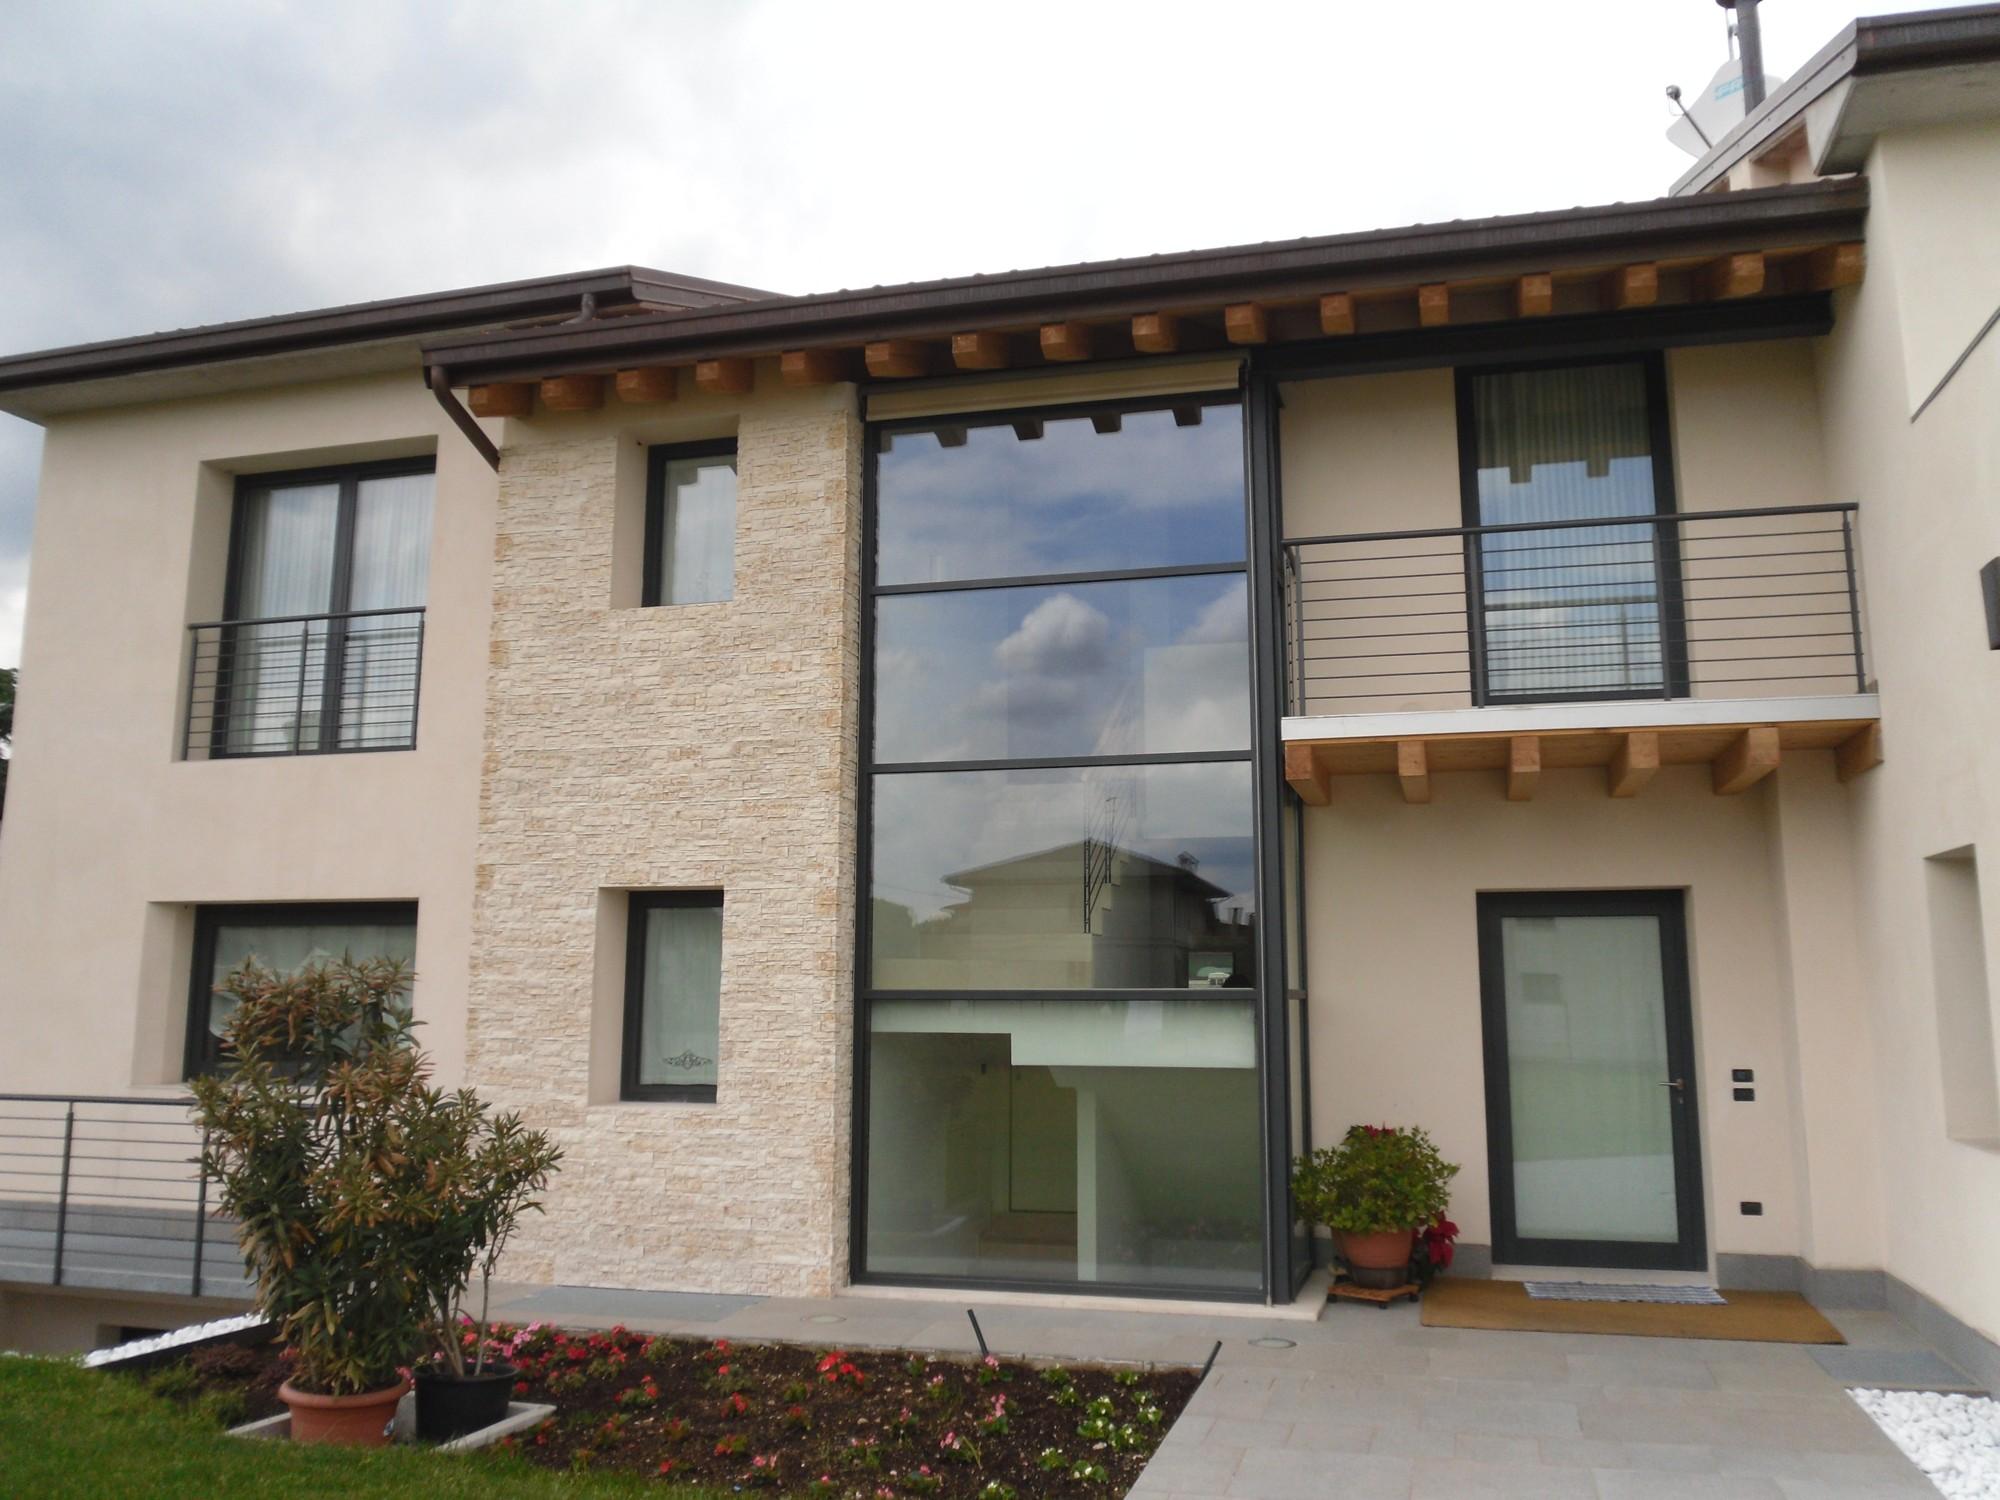 Serramenti in alluminio - Profili alluminio per finestre ...